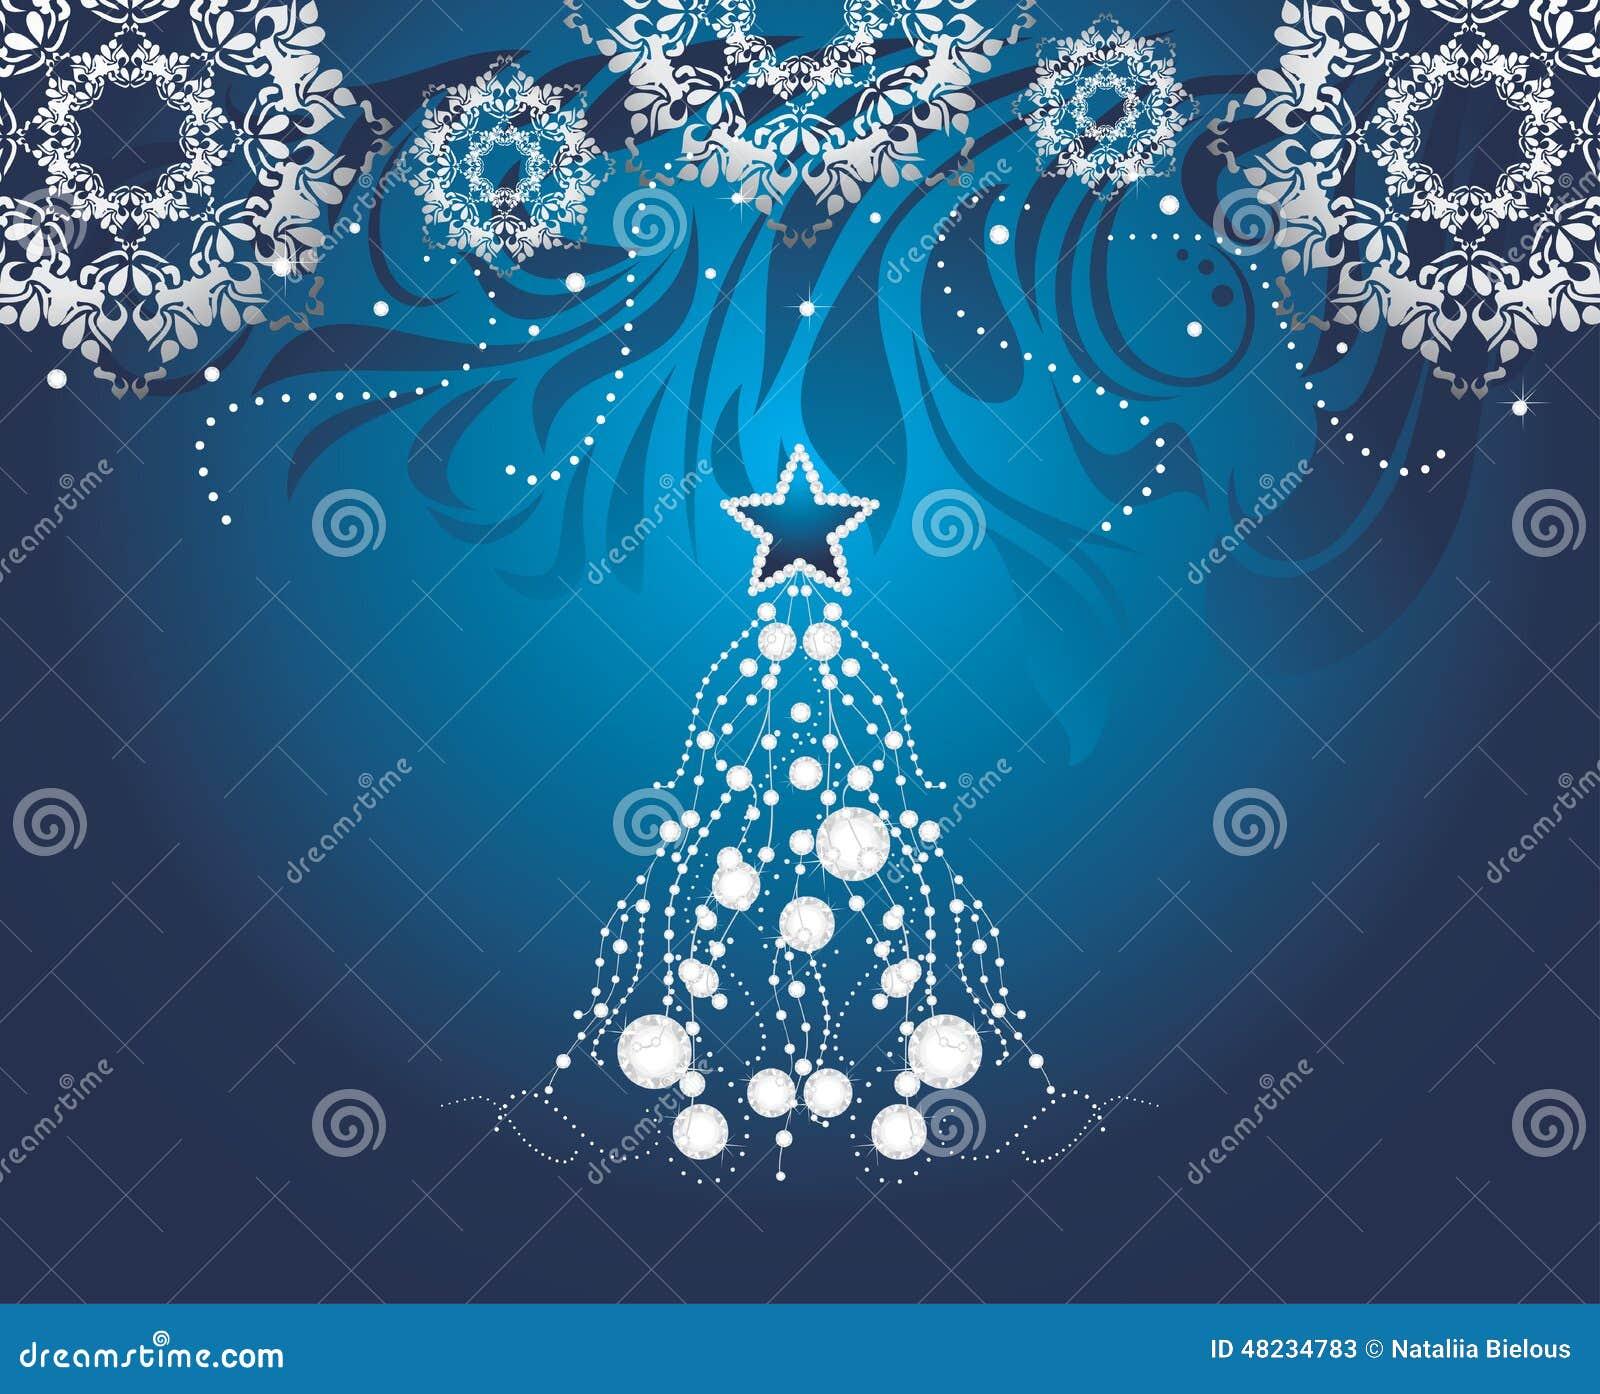 Rbol de navidad brillante en fondo azul marino con los - Nieve para arbol de navidad ...